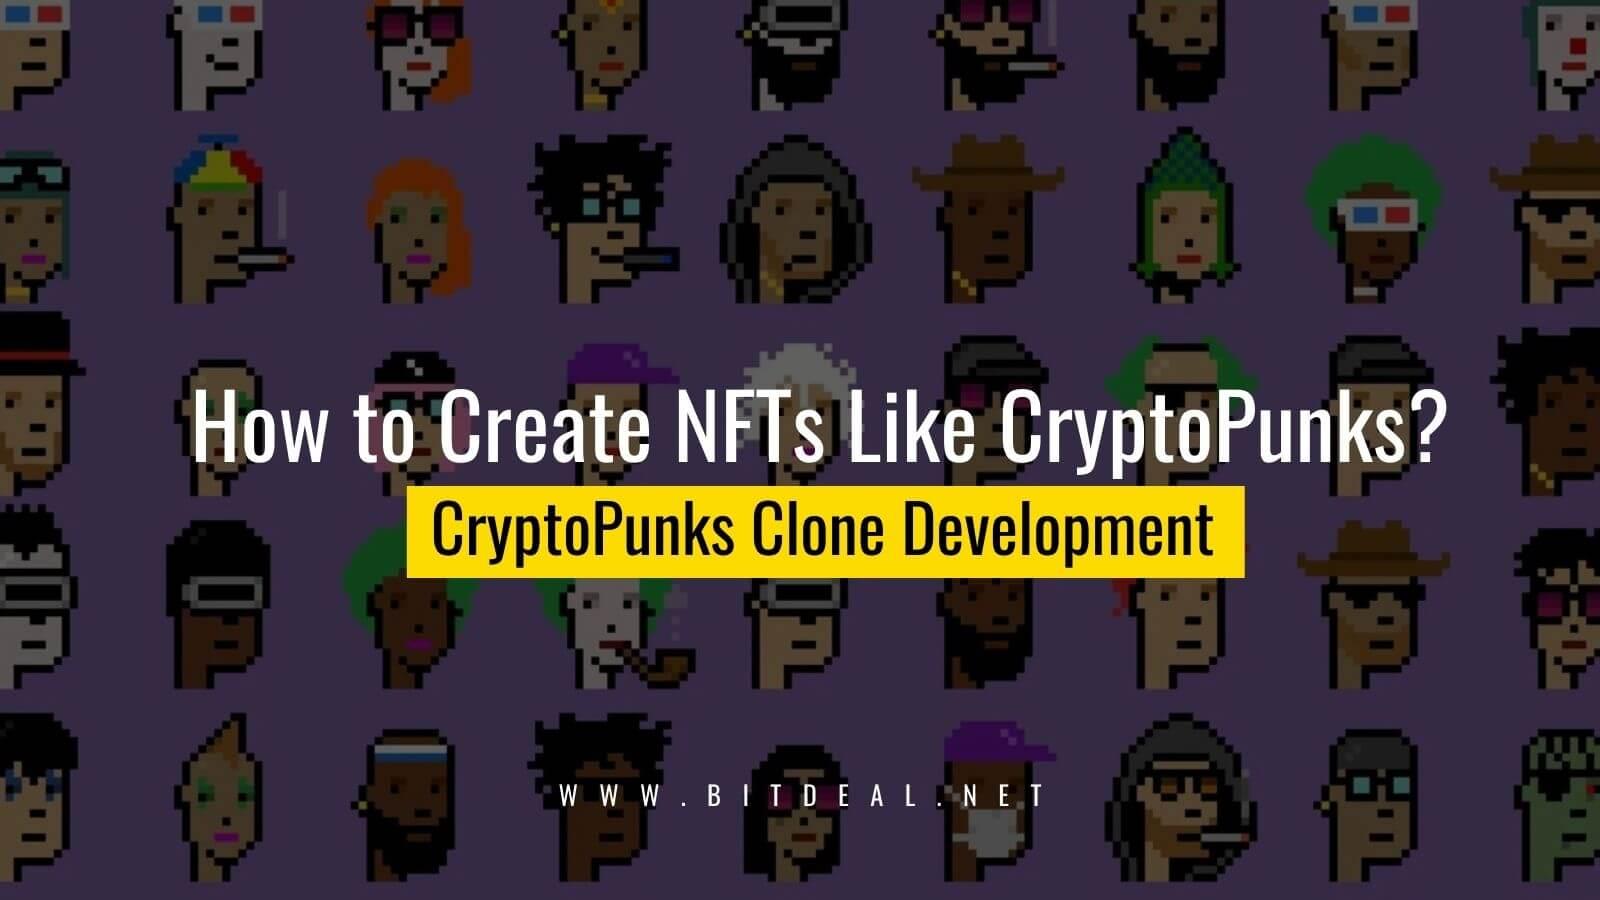 How to Create NFTs Like CryptoPunks?